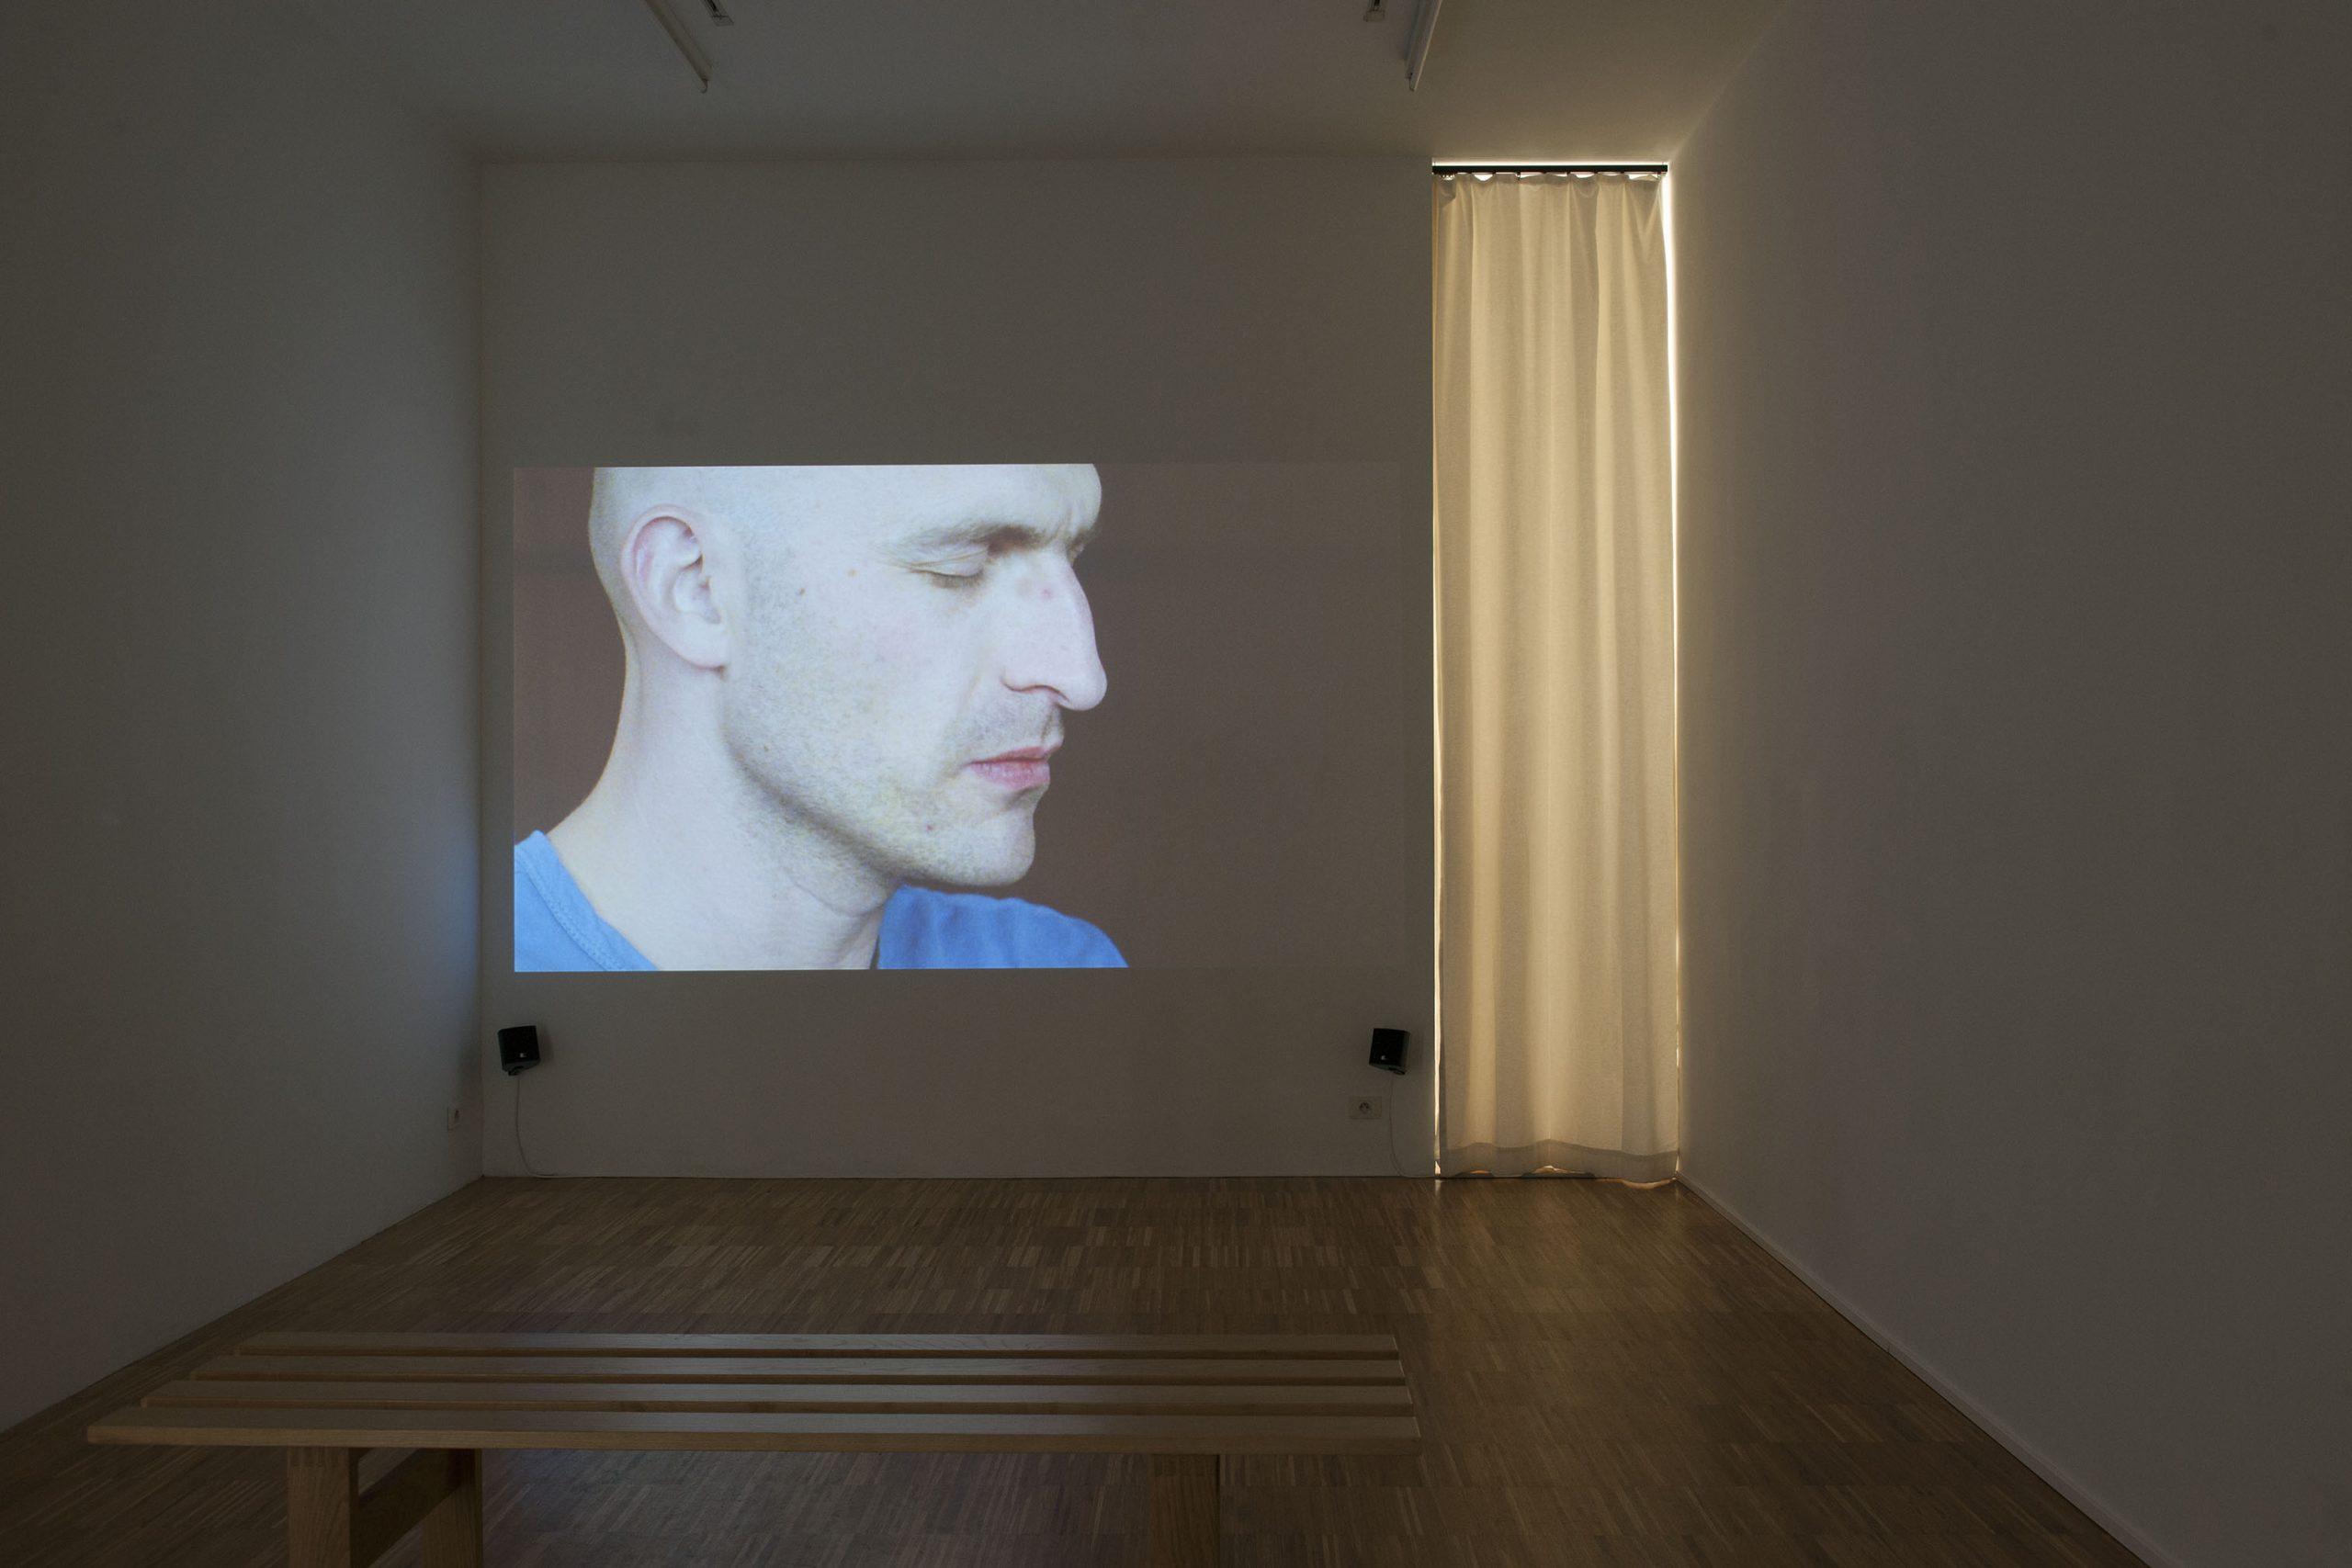 Manon de Boer, installation view at Jan Mot, 201306/09/13 - 26/10/13 Manon de Boer one, two, many